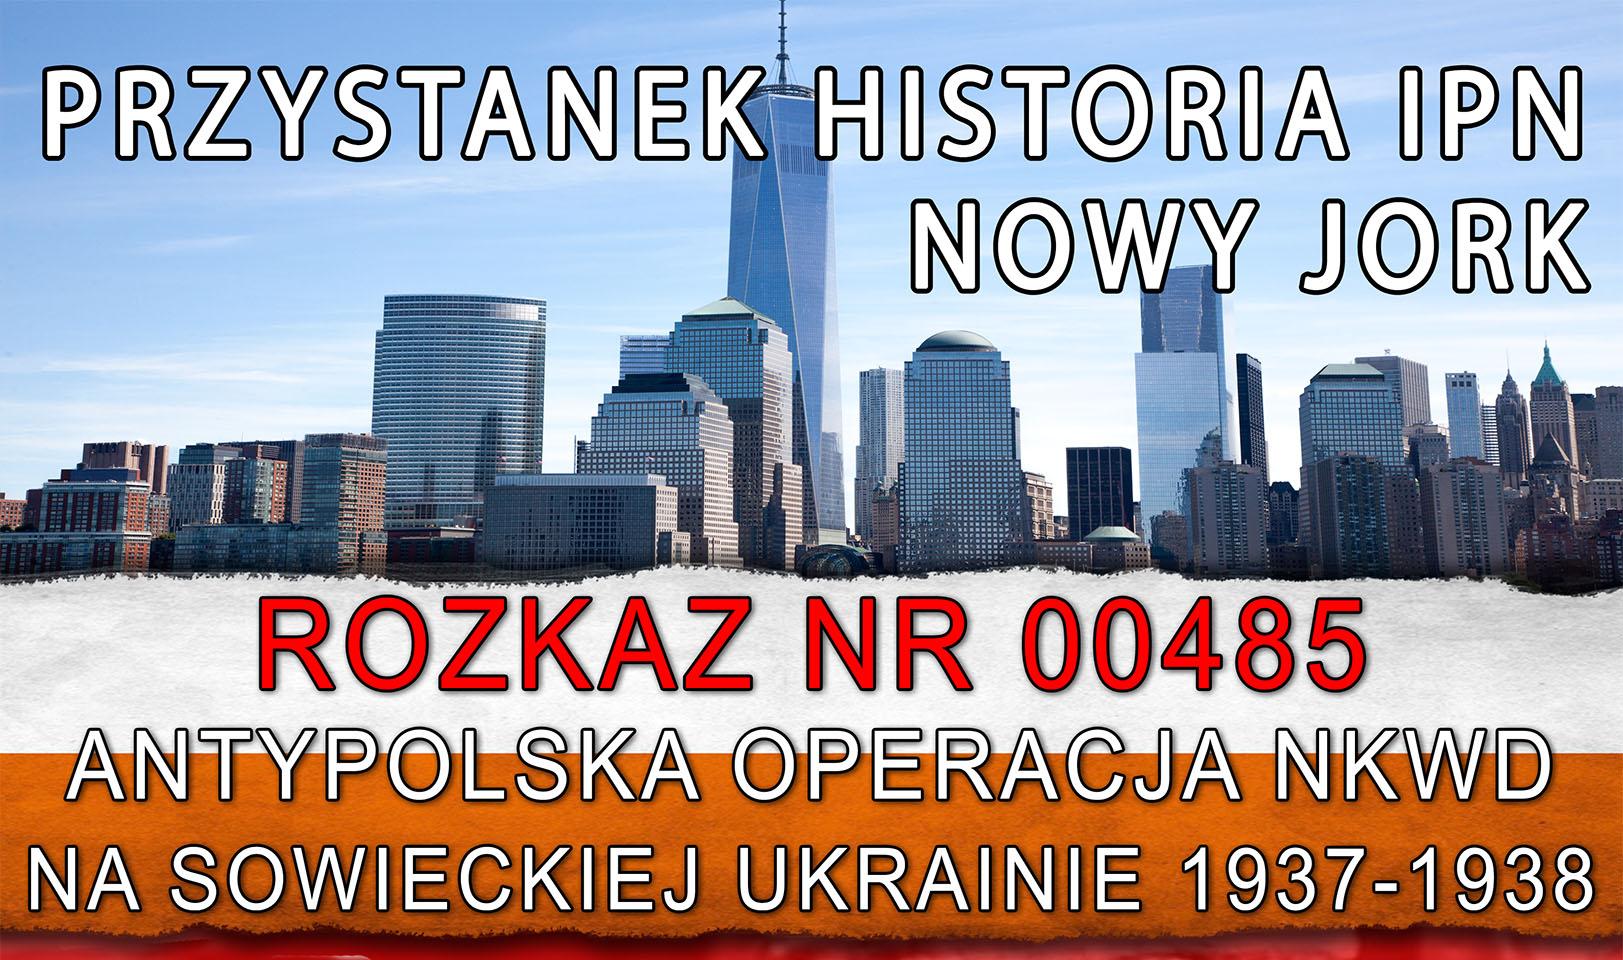 VIII edycja Przystanku Historia IPN Nowy Jork